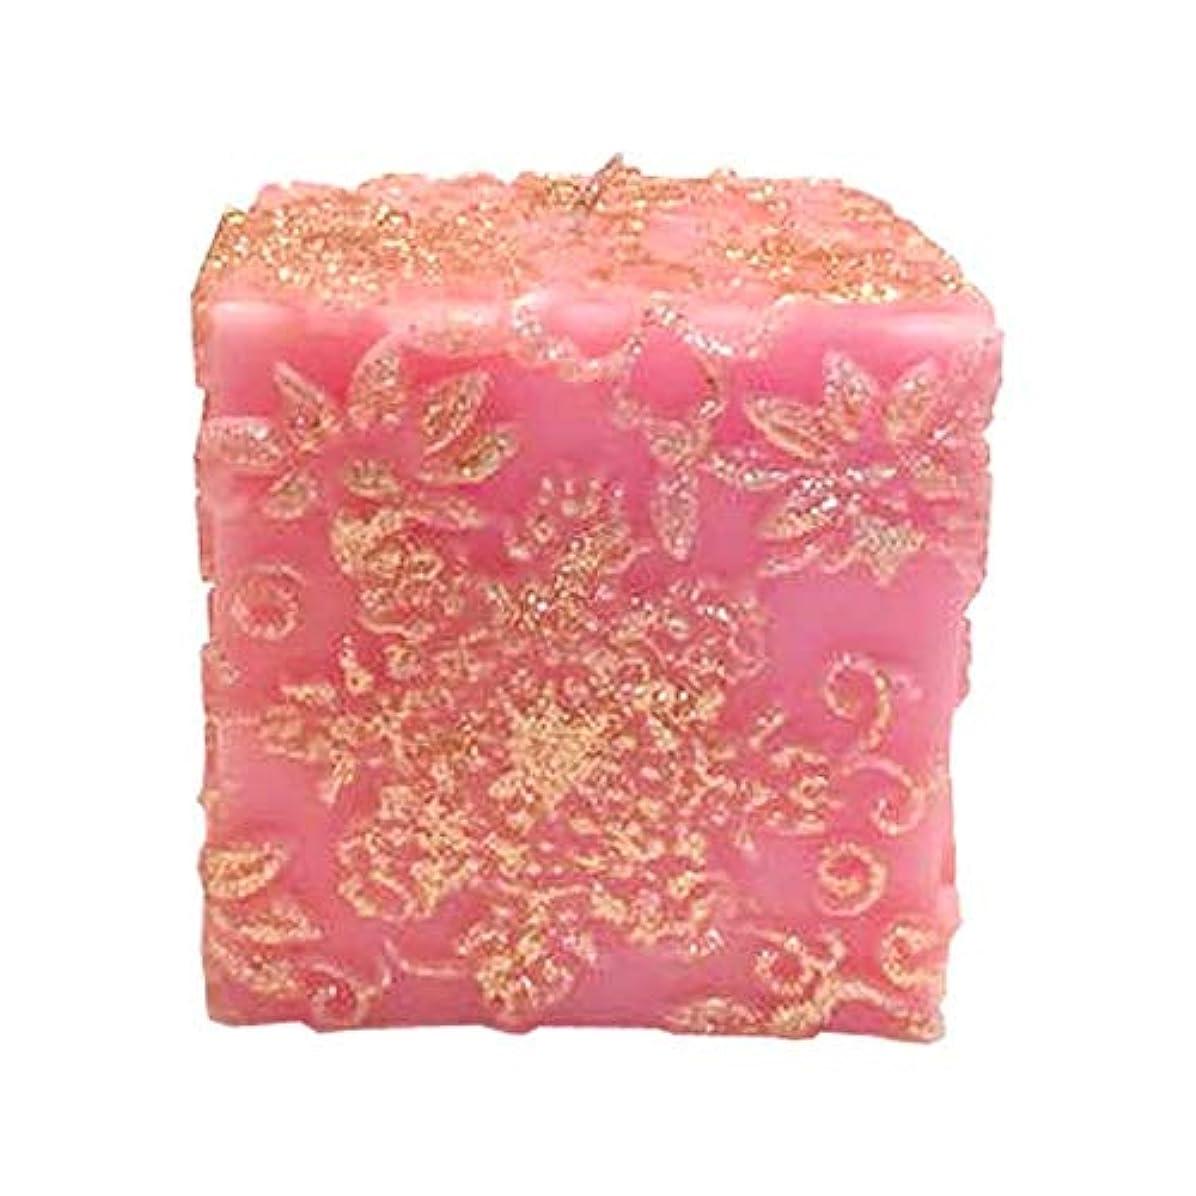 プール周波数モニタースノーフレークフラワー Cube (Pink×Gold Gliter)